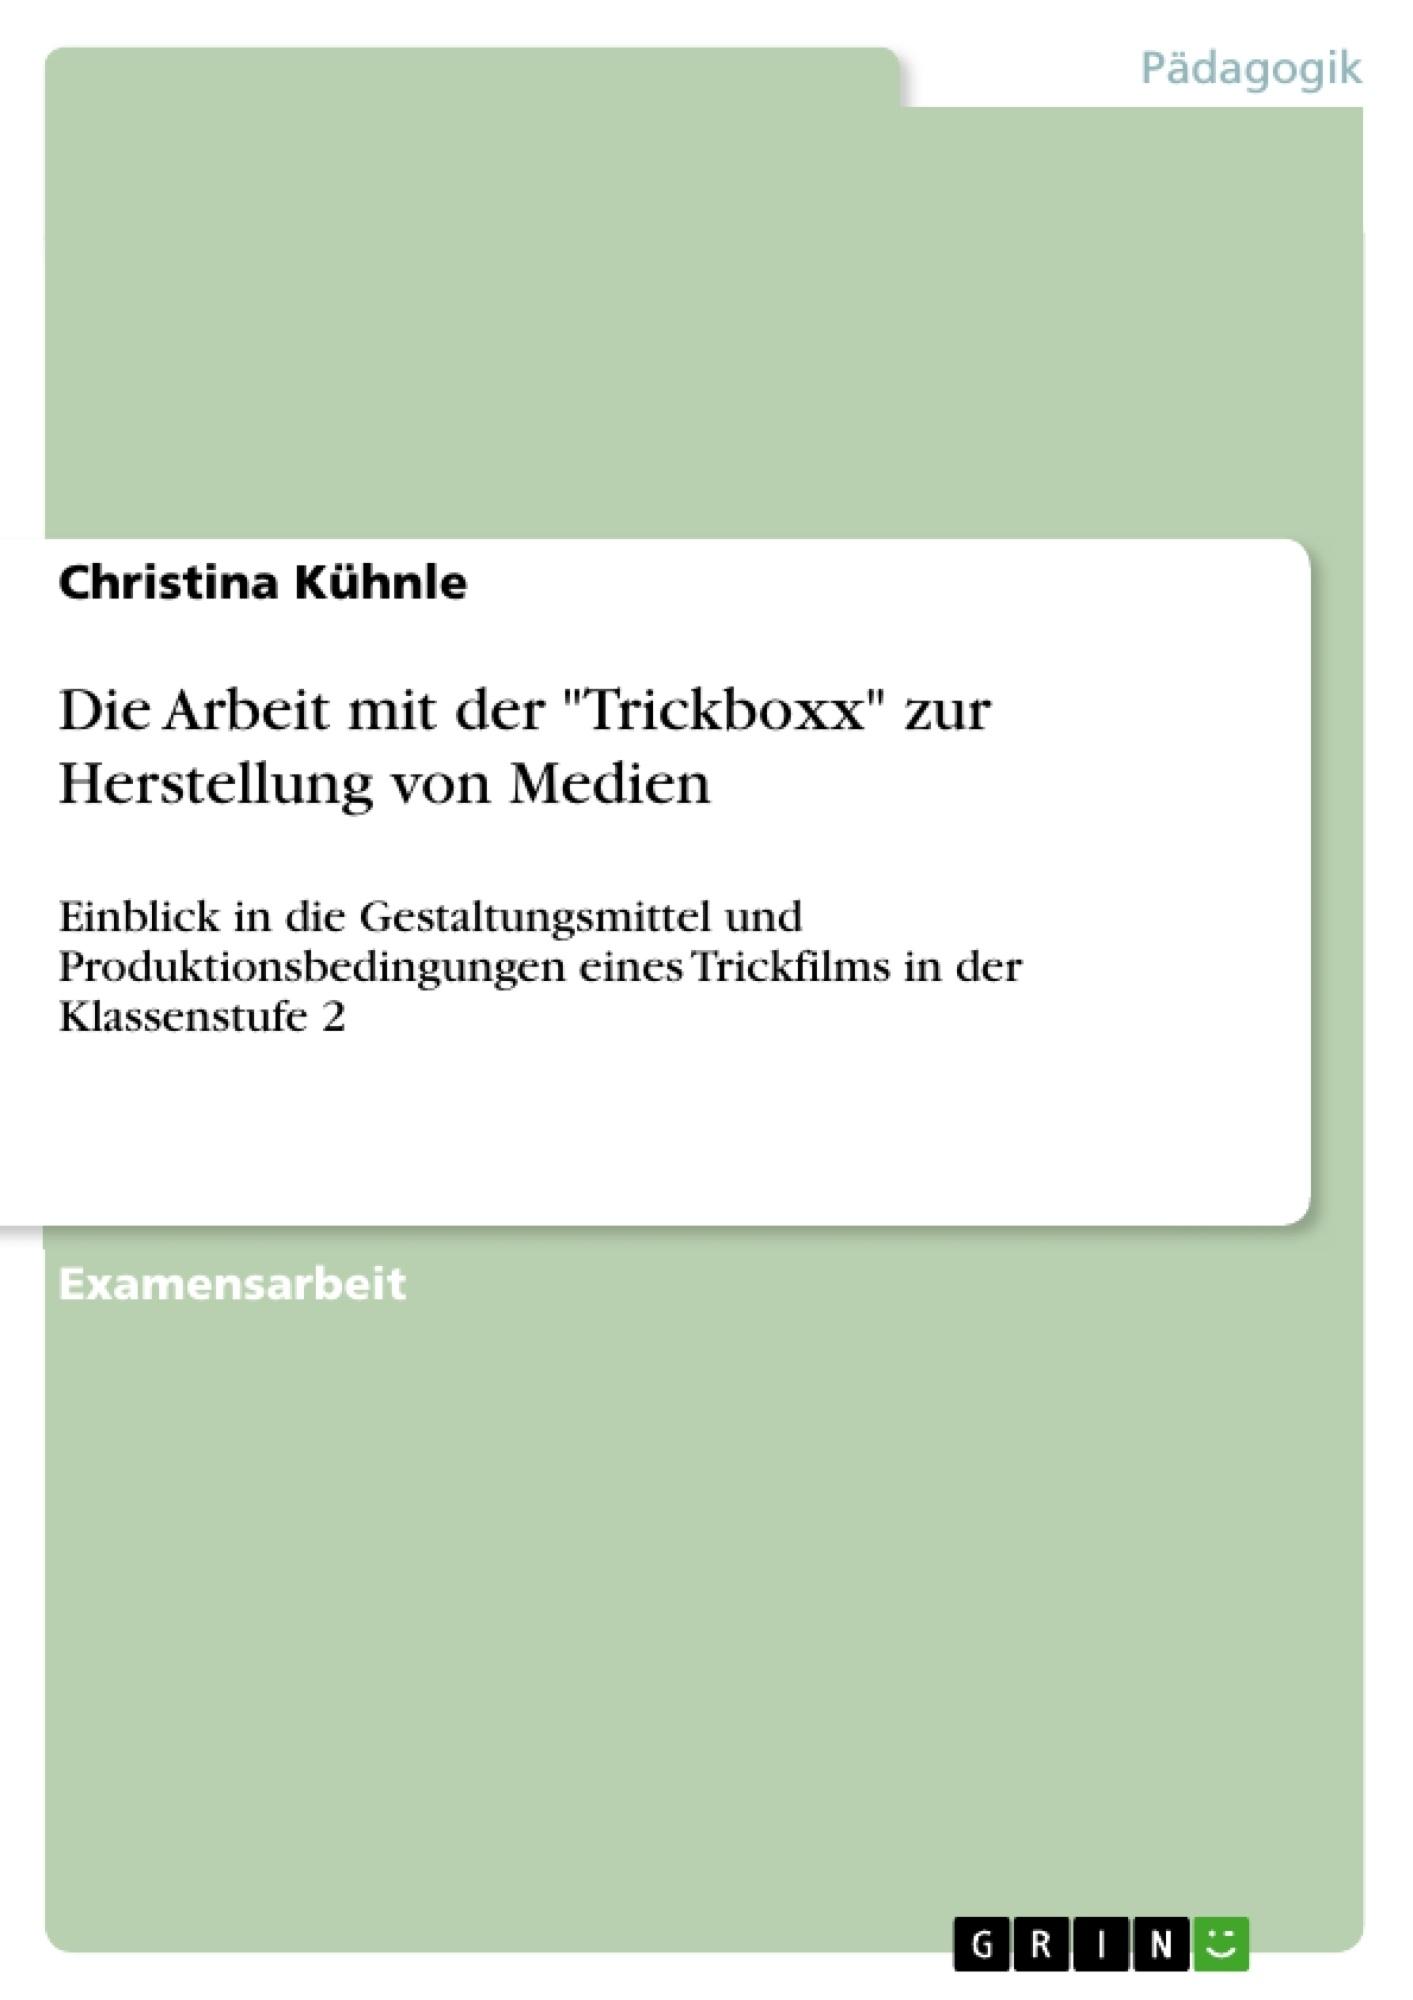 """Titel: Die Arbeit mit der """"Trickboxx"""" zur Herstellung von Medien"""